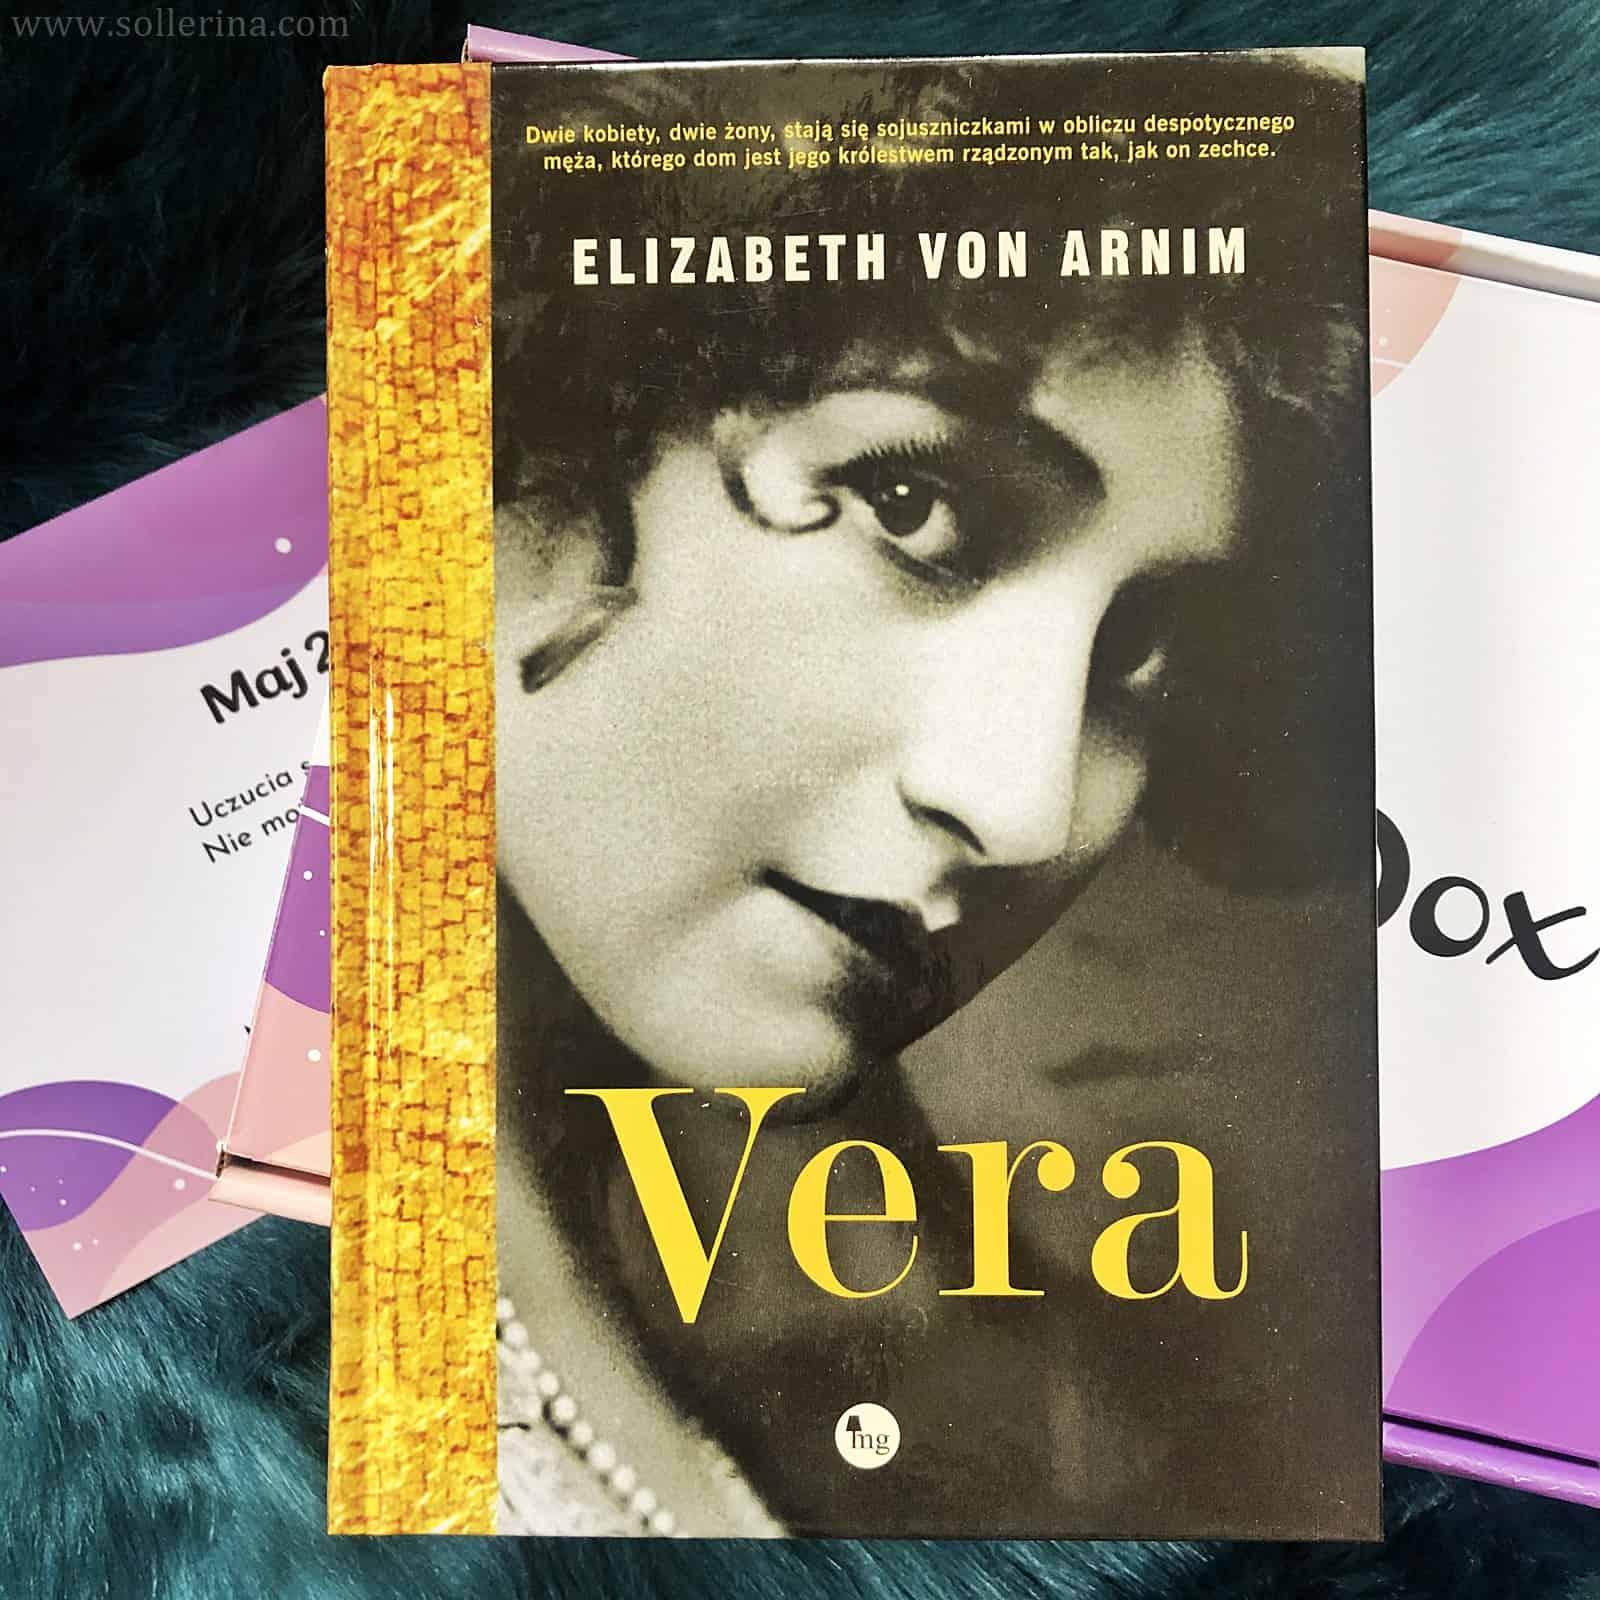 Chillbox - Vera – Elizabeth von Arnim